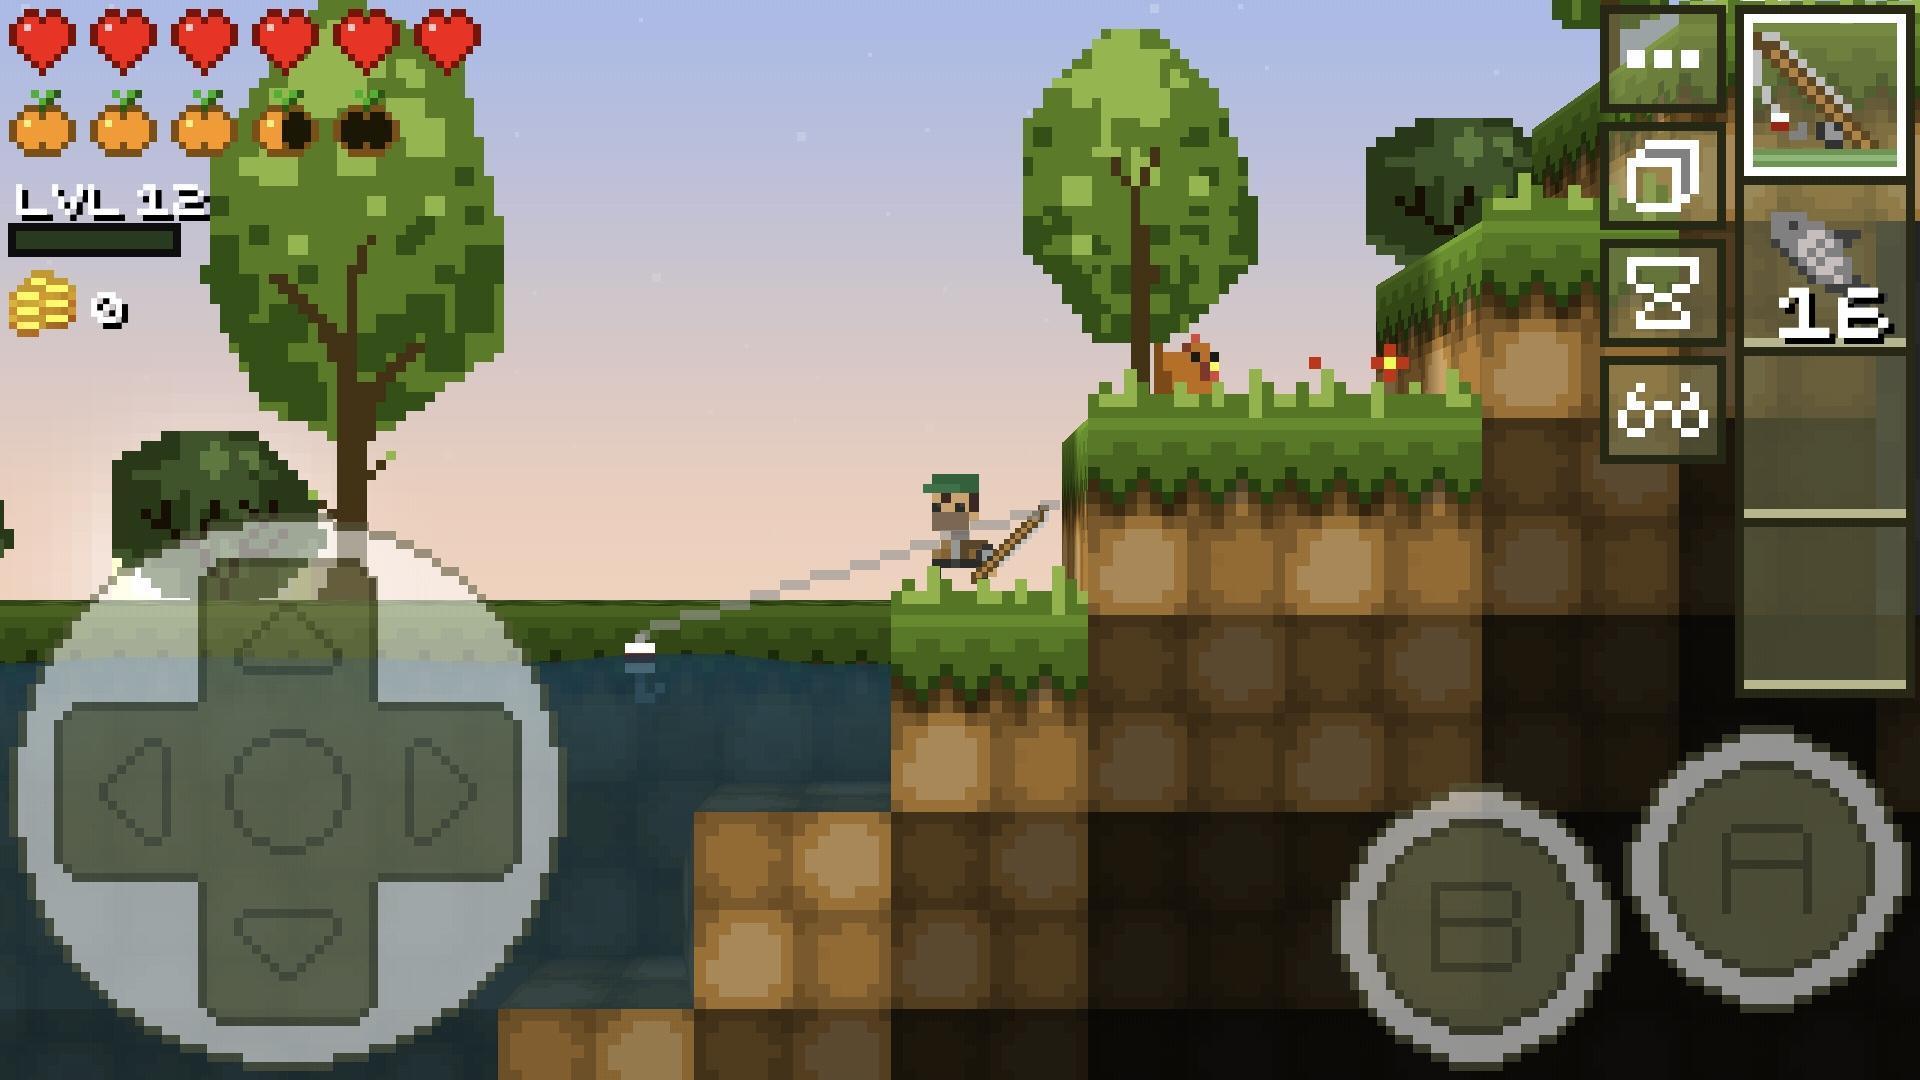 LostMiner Block Building & Craft Game v1.4.2a Screenshot 2